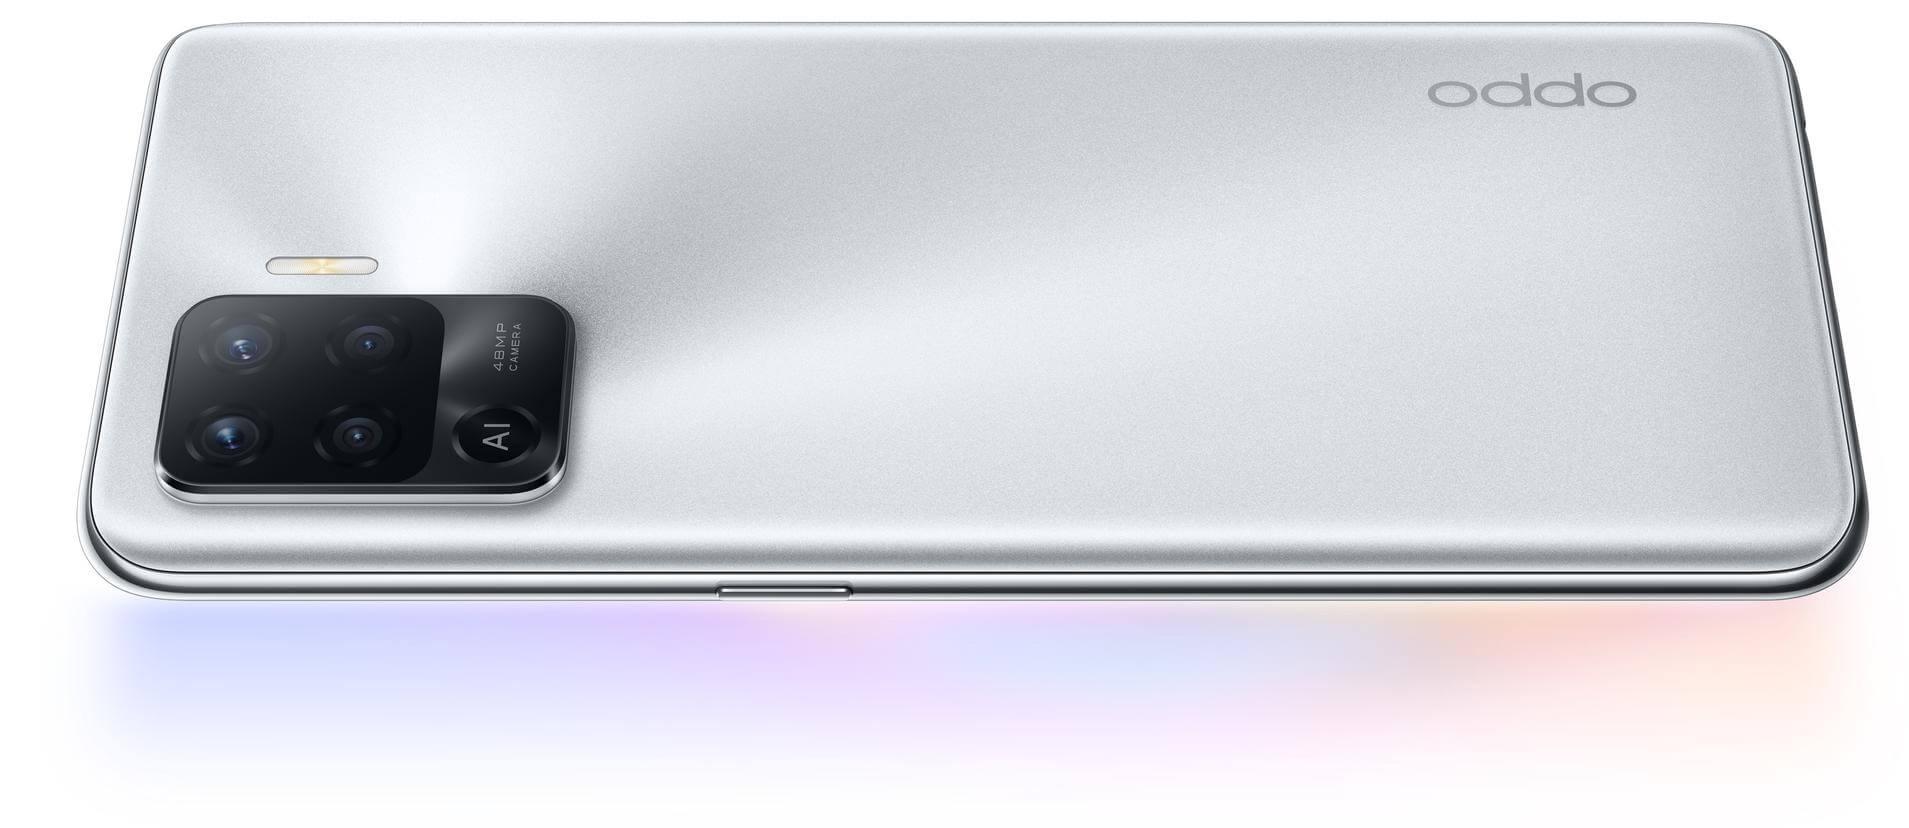 Представлены Oppo F19 Pro+ и F19 Pro – недорогие смартфоны с квадро-камерами и 50 Вт зарядкой